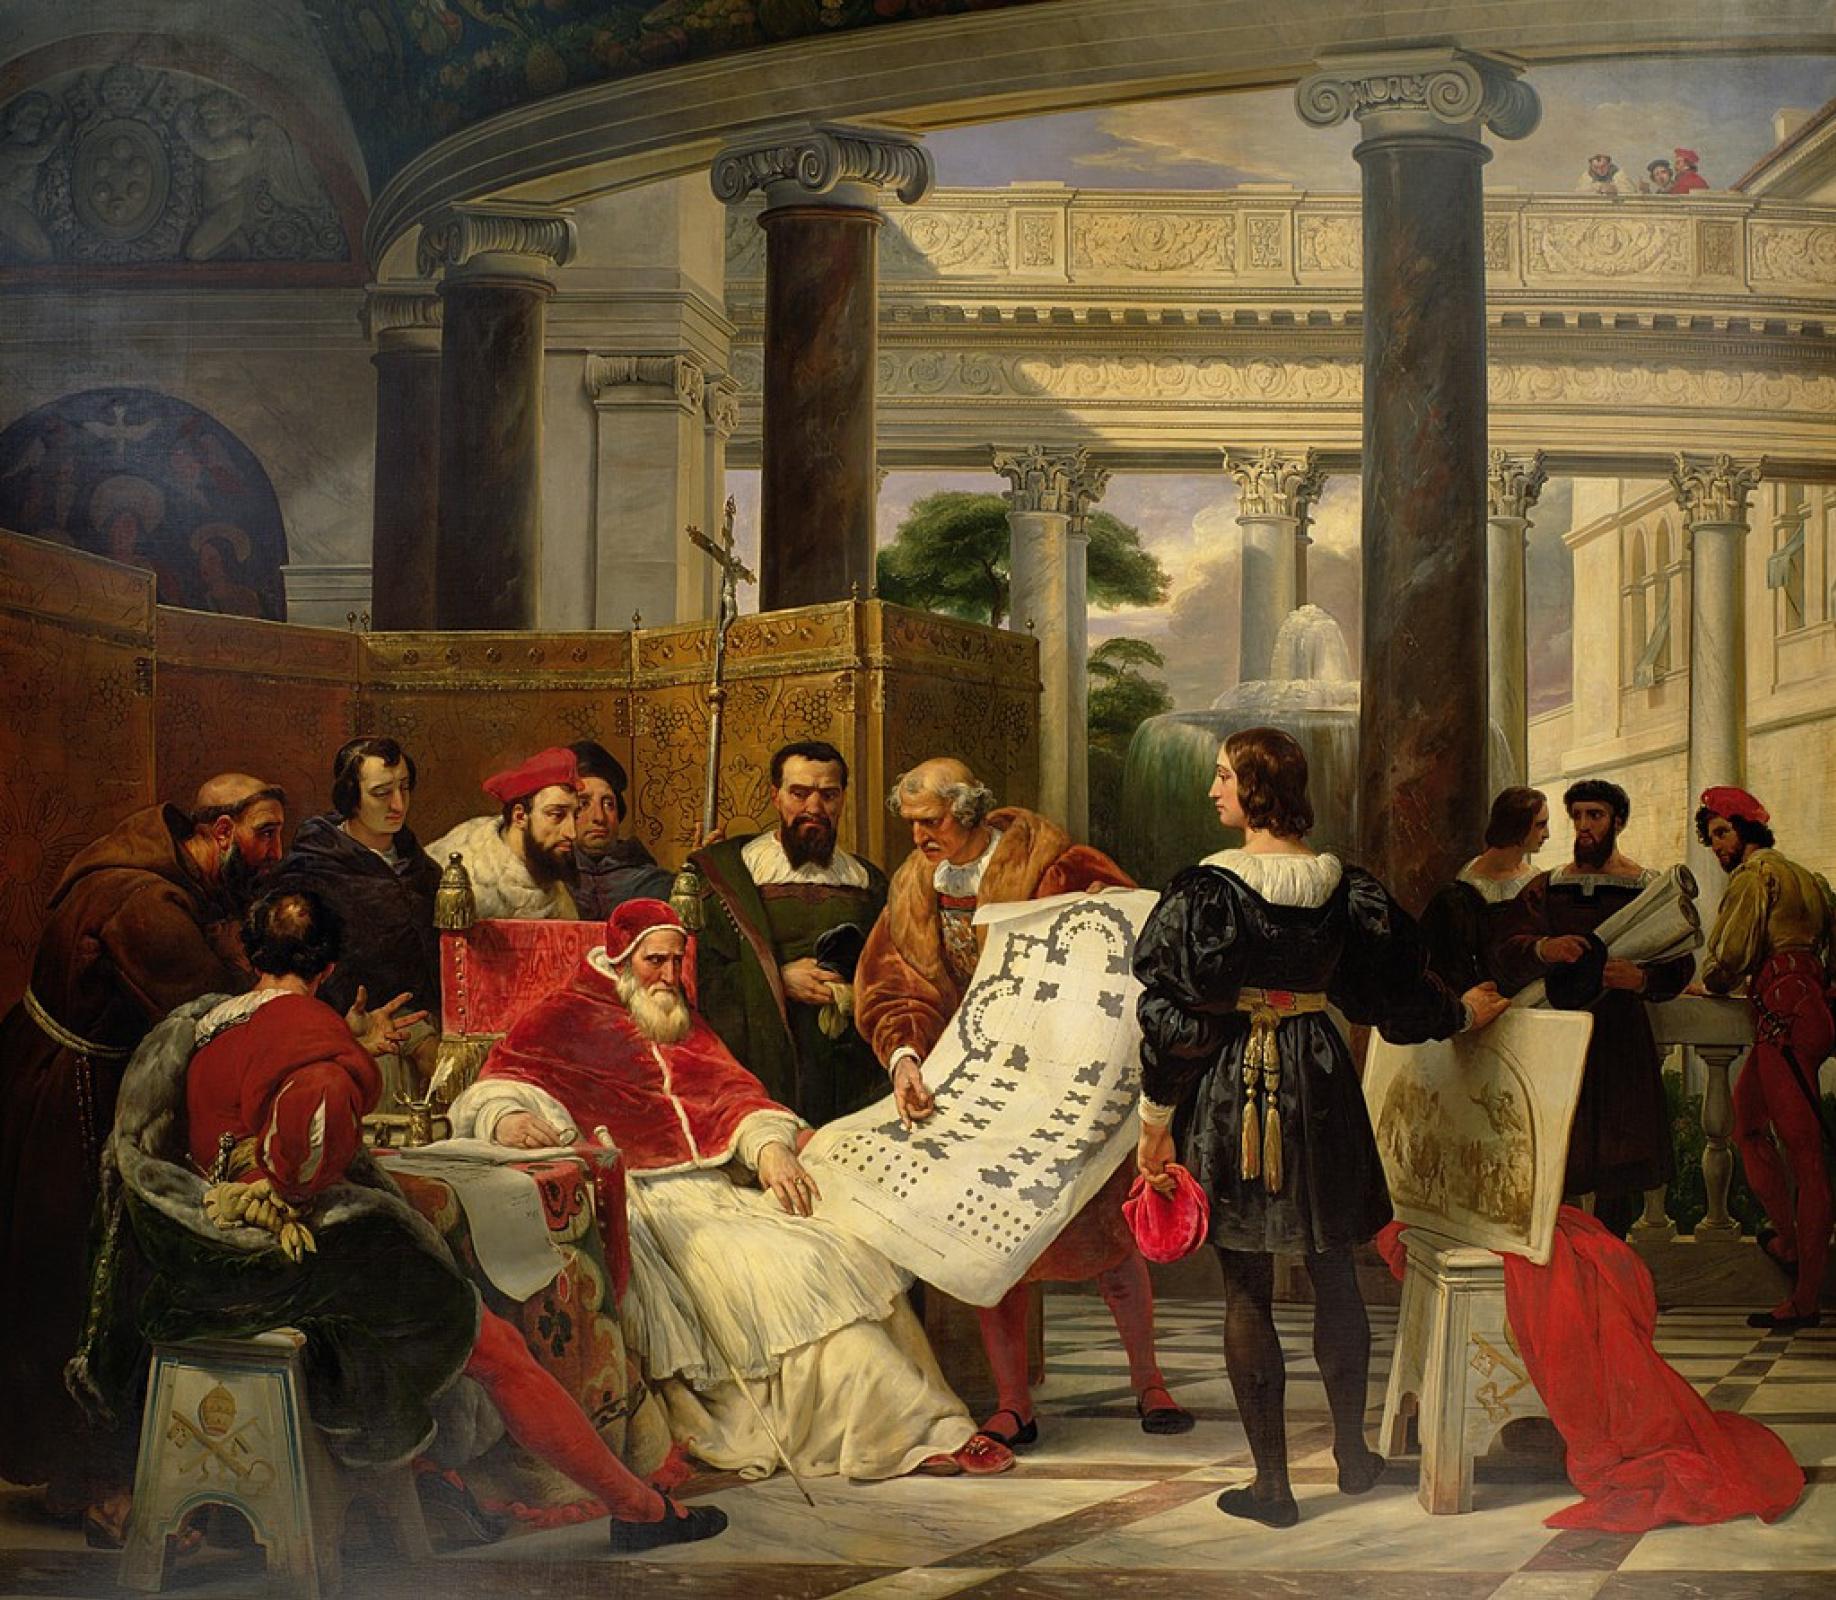 Эмиль Жан Орас Верне. Папа Юлий II обсуждает с Браманте, Микеланджело и Рафаэлем проект строительства базилики святого Петра